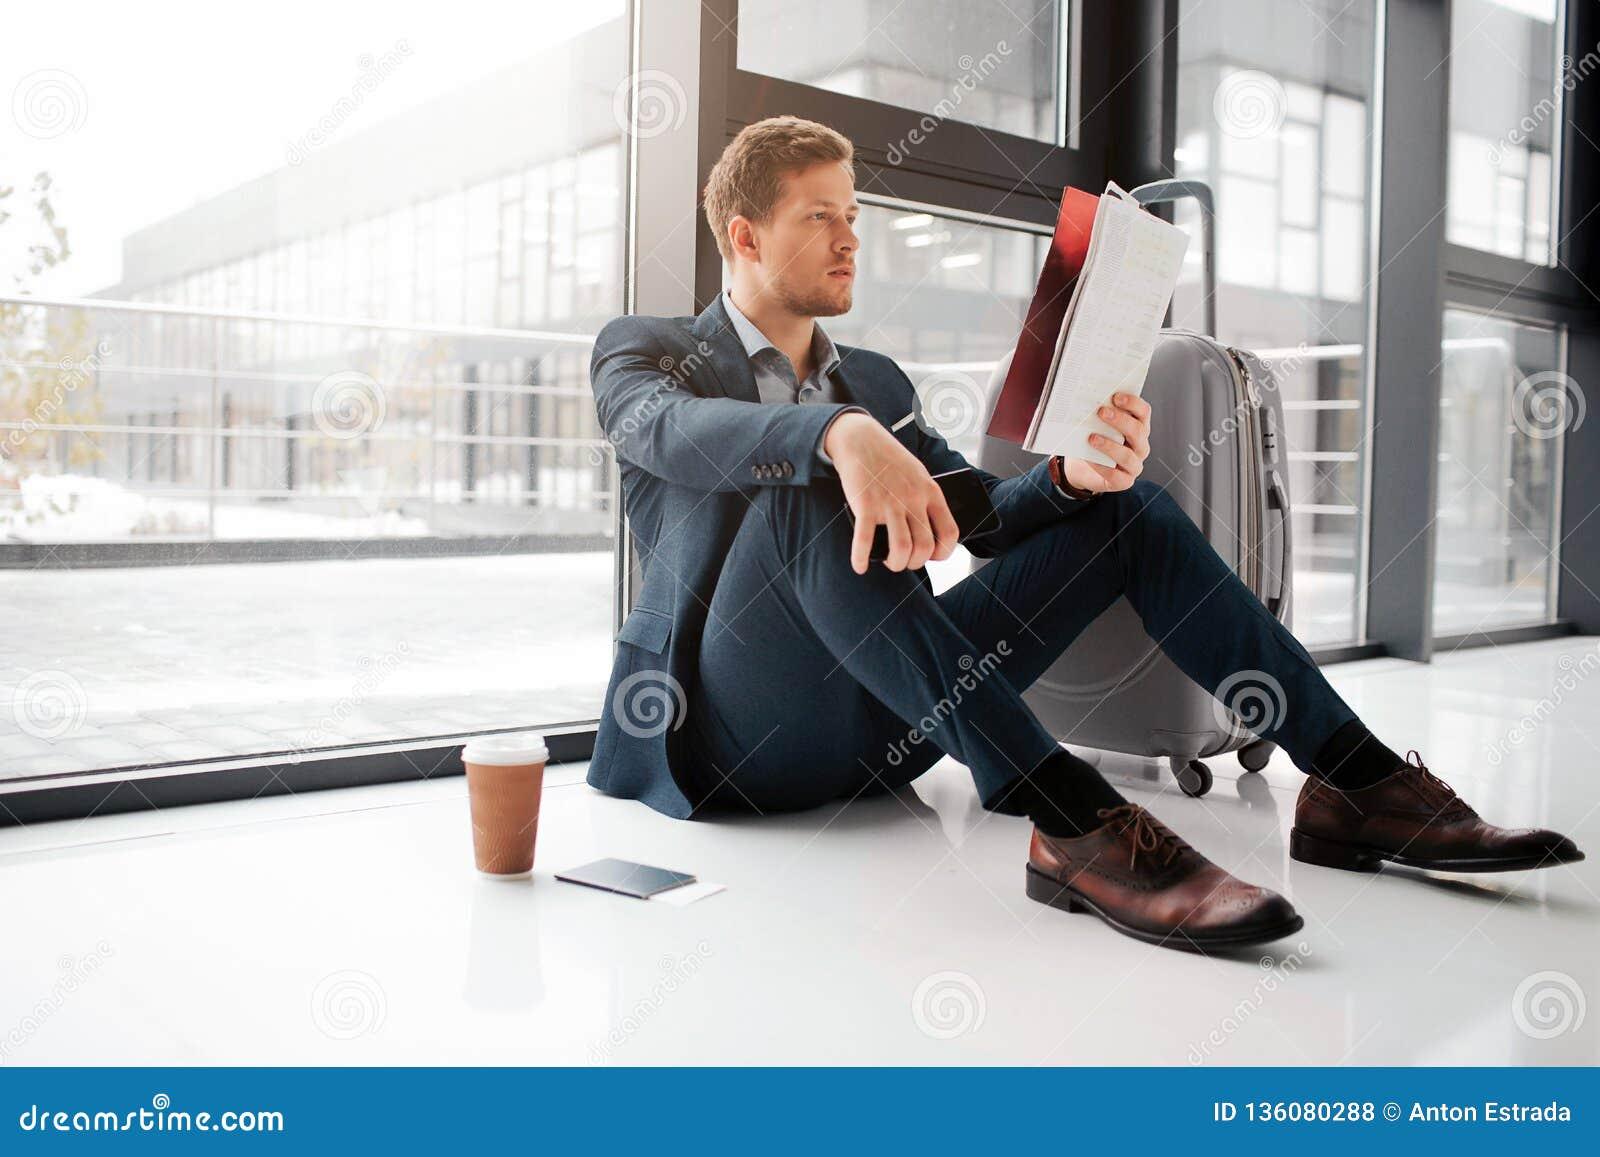 Молодой человек сидит на поле и взгляде на меню кафа Стойка чашки кофе на поле с билетами в паспорте Он ждет полет